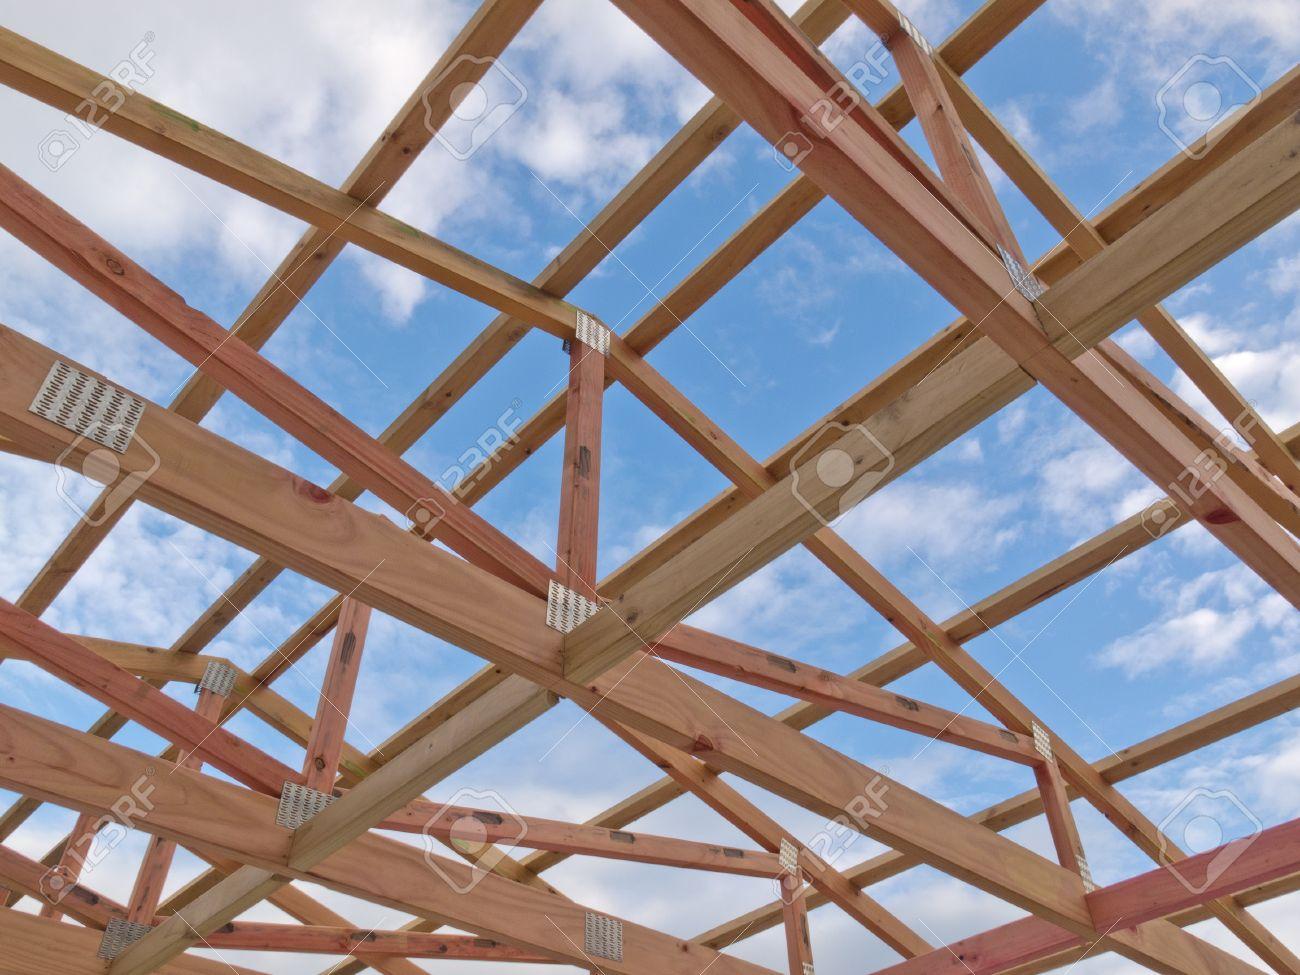 Dachrahmen Im Bau Zeigt Die Hölzernen Balken, Binder Und Balken ...